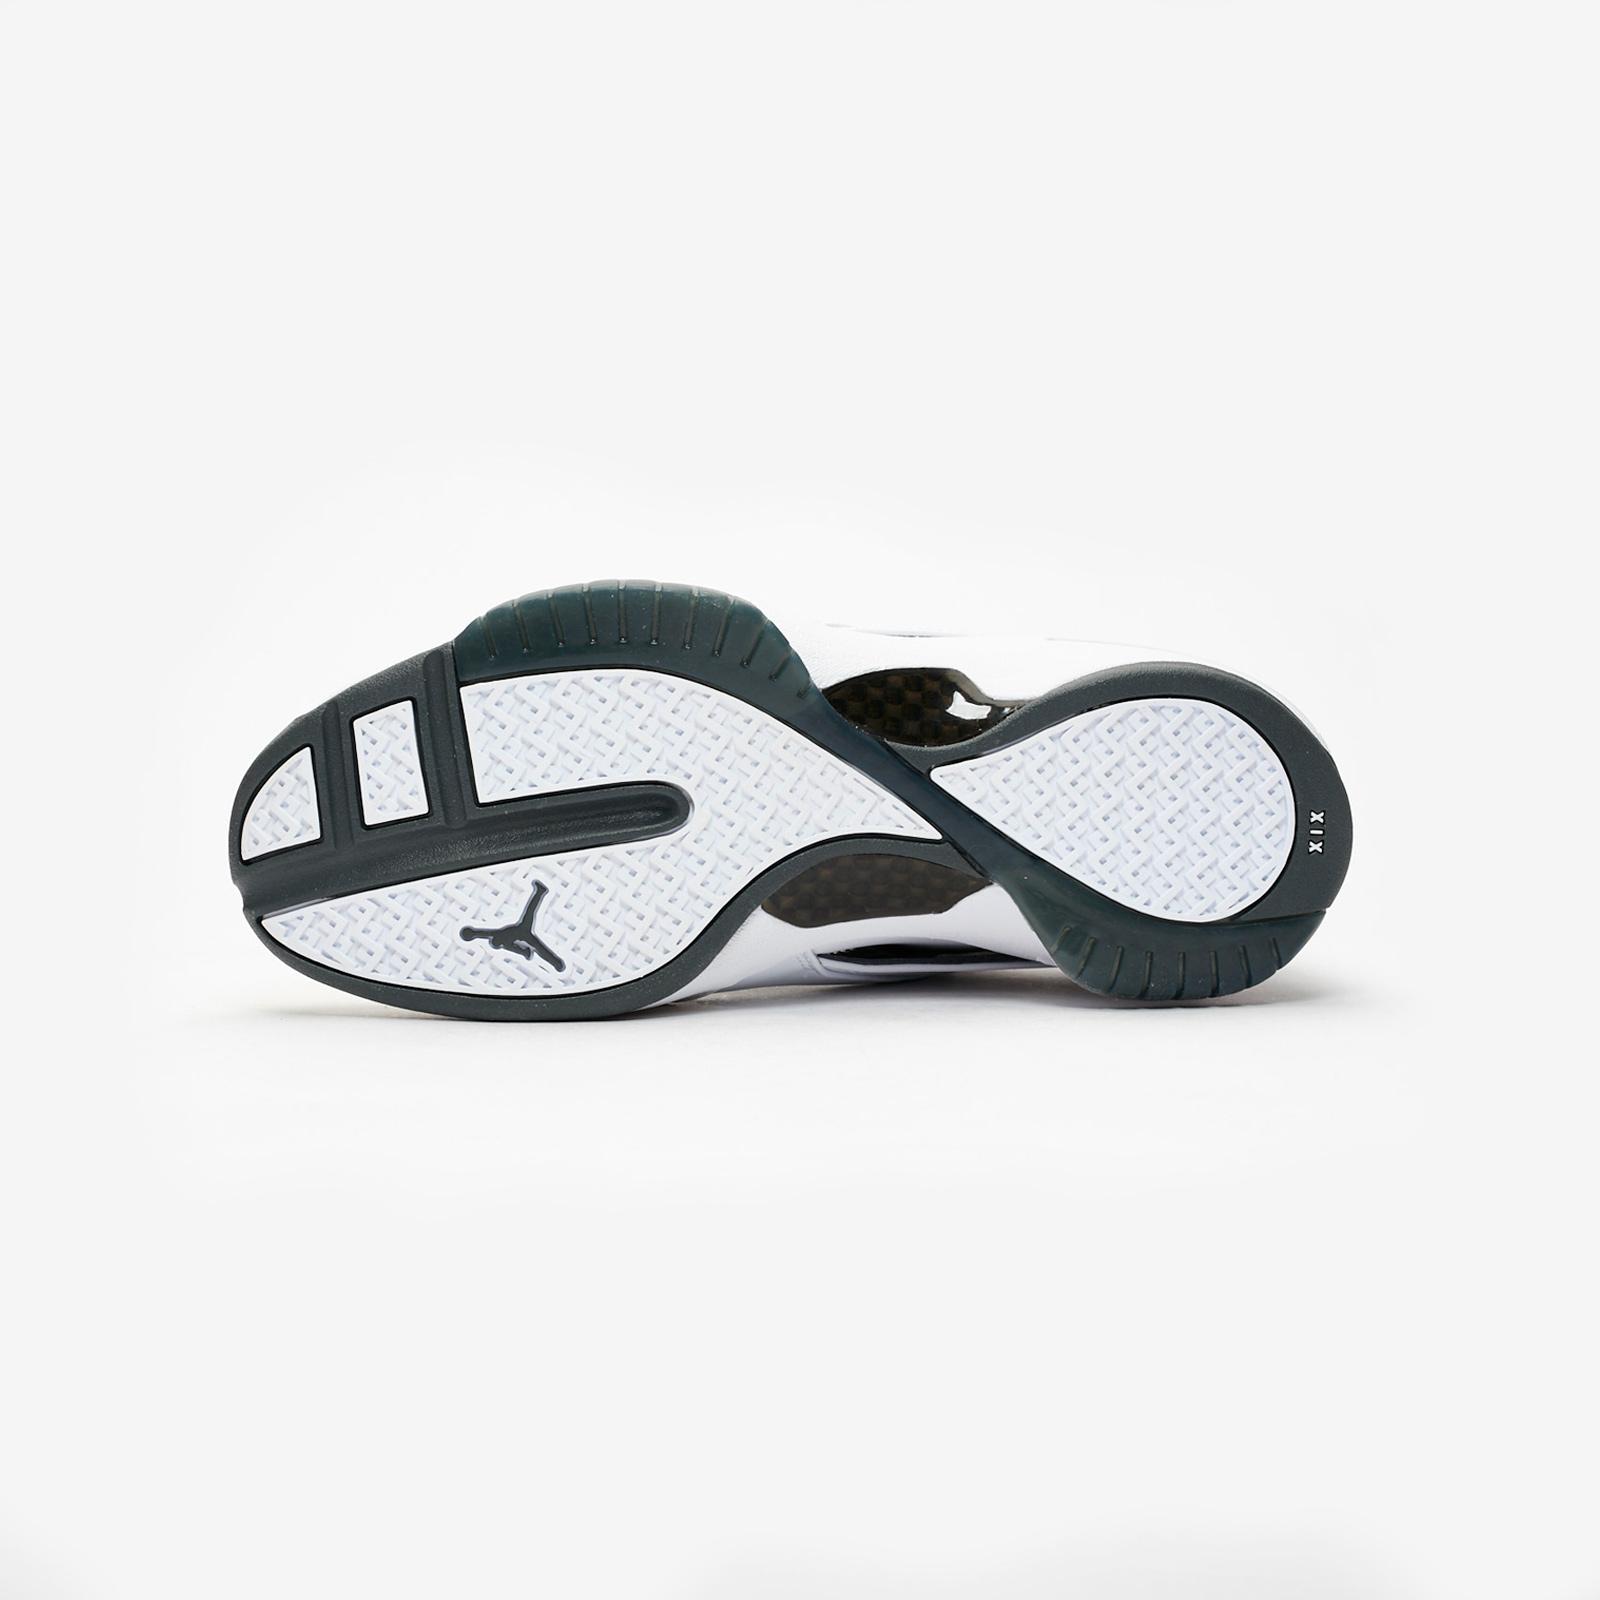 840f846a8a20 Jordan Brand Air Jordan 19 Retro - Aq9213-100 - Sneakersnstuff ...